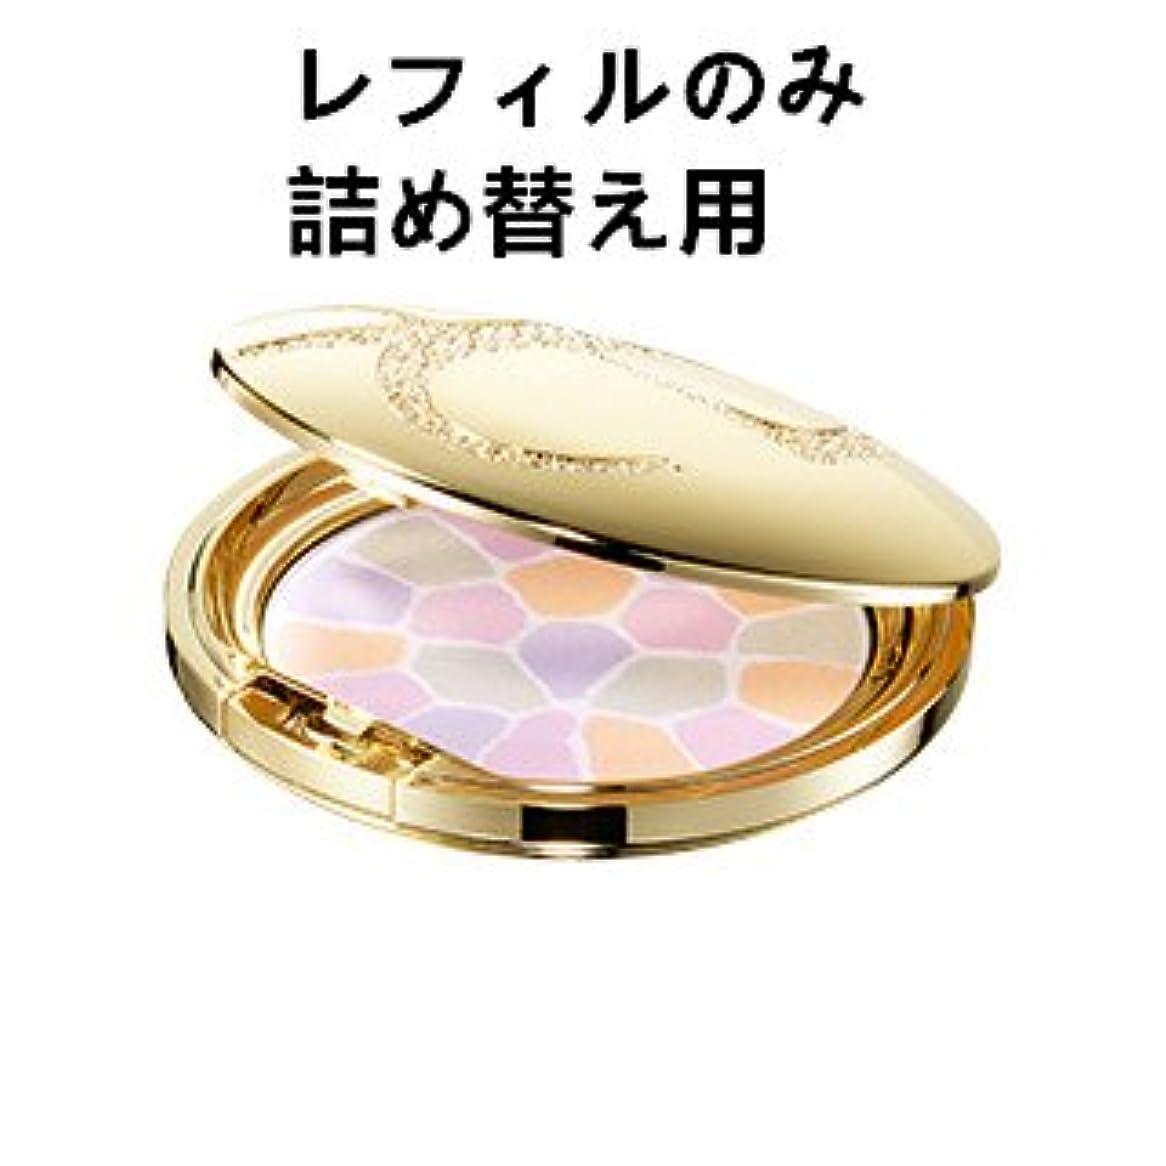 マーキークリスマス魅力的Elegance エレガンス ラ プードル オートニュアンス レフィル (Ⅳクリア(軽やかさ))